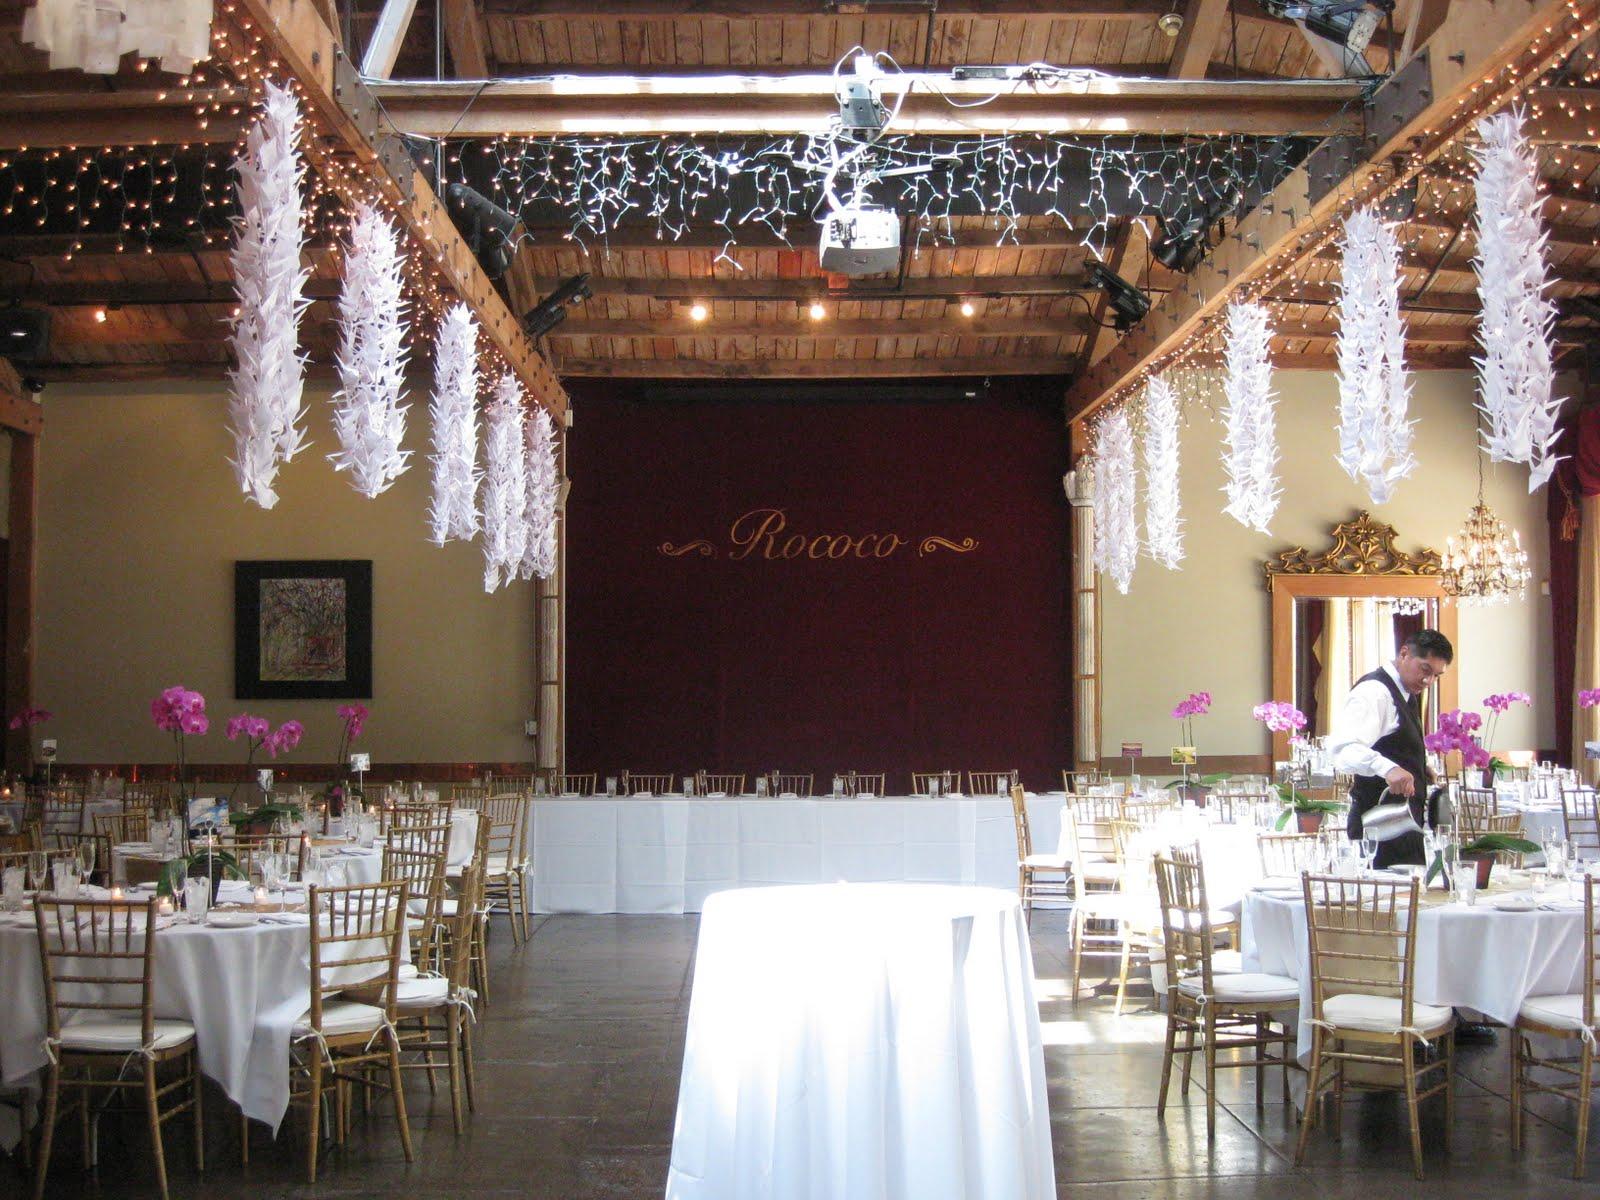 Rococo room wedding